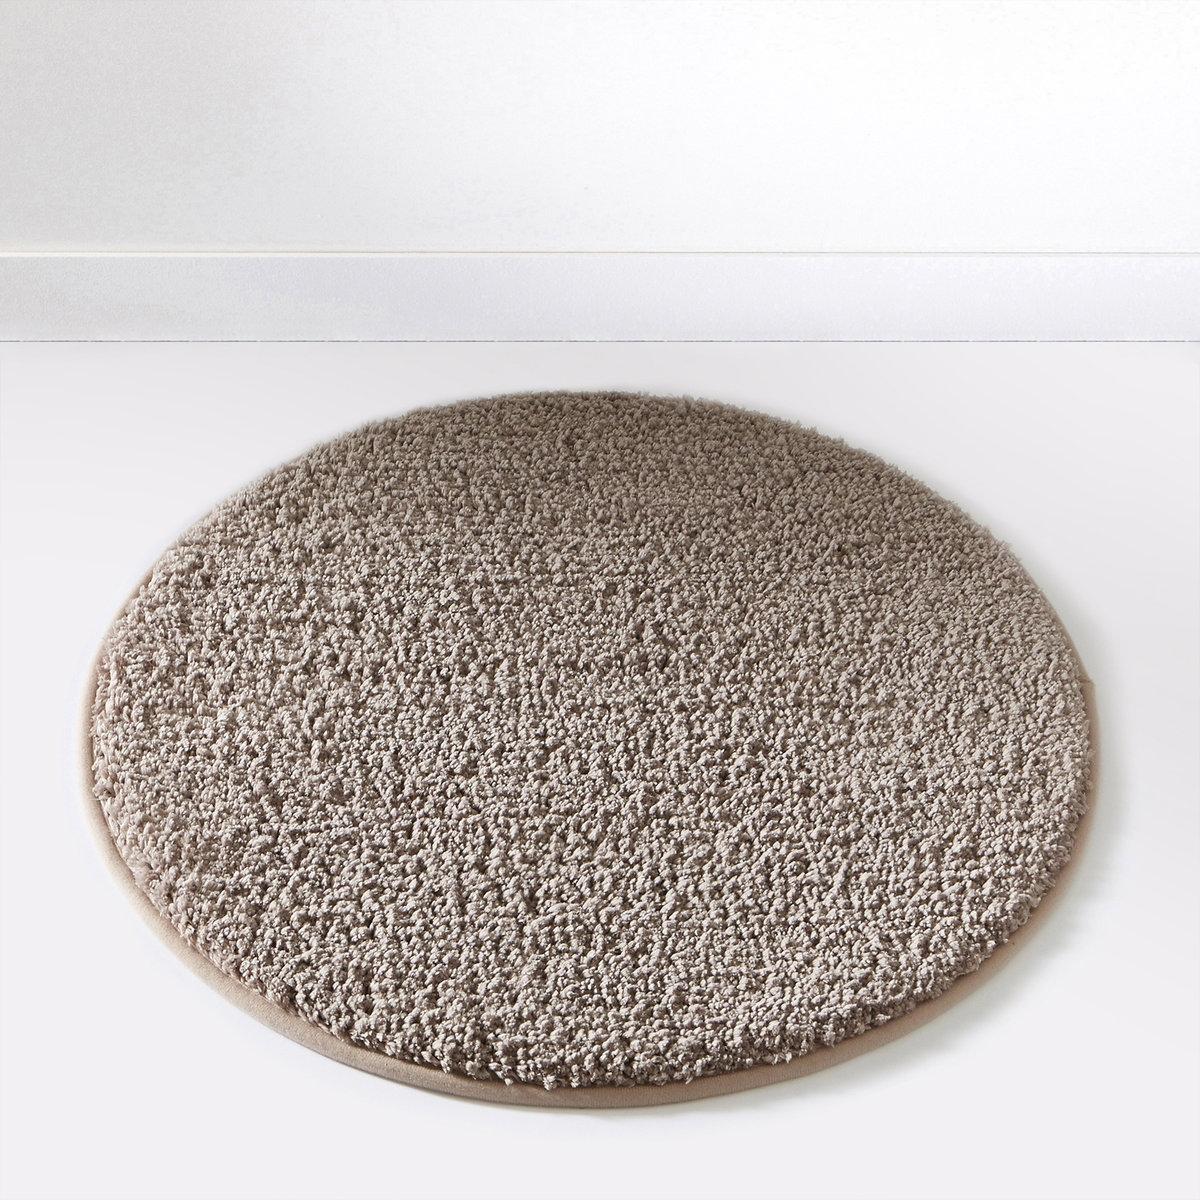 Коврик для ванной SCENARIOСостав коврика для ванной Scenario:Пушистая одноцветная микрофибра, 1500 г/м2.100% полиэстера.Диаметр коврика для ванной Scenario:60 см, 7 цветов: бежевый / белый / голубой / темно-серый / черный / зеленый анисовый / фиолетовый сливовый.<br><br>Цвет: белый,зеленый анис,серо-бежевый,черный<br>Размер: единый размер